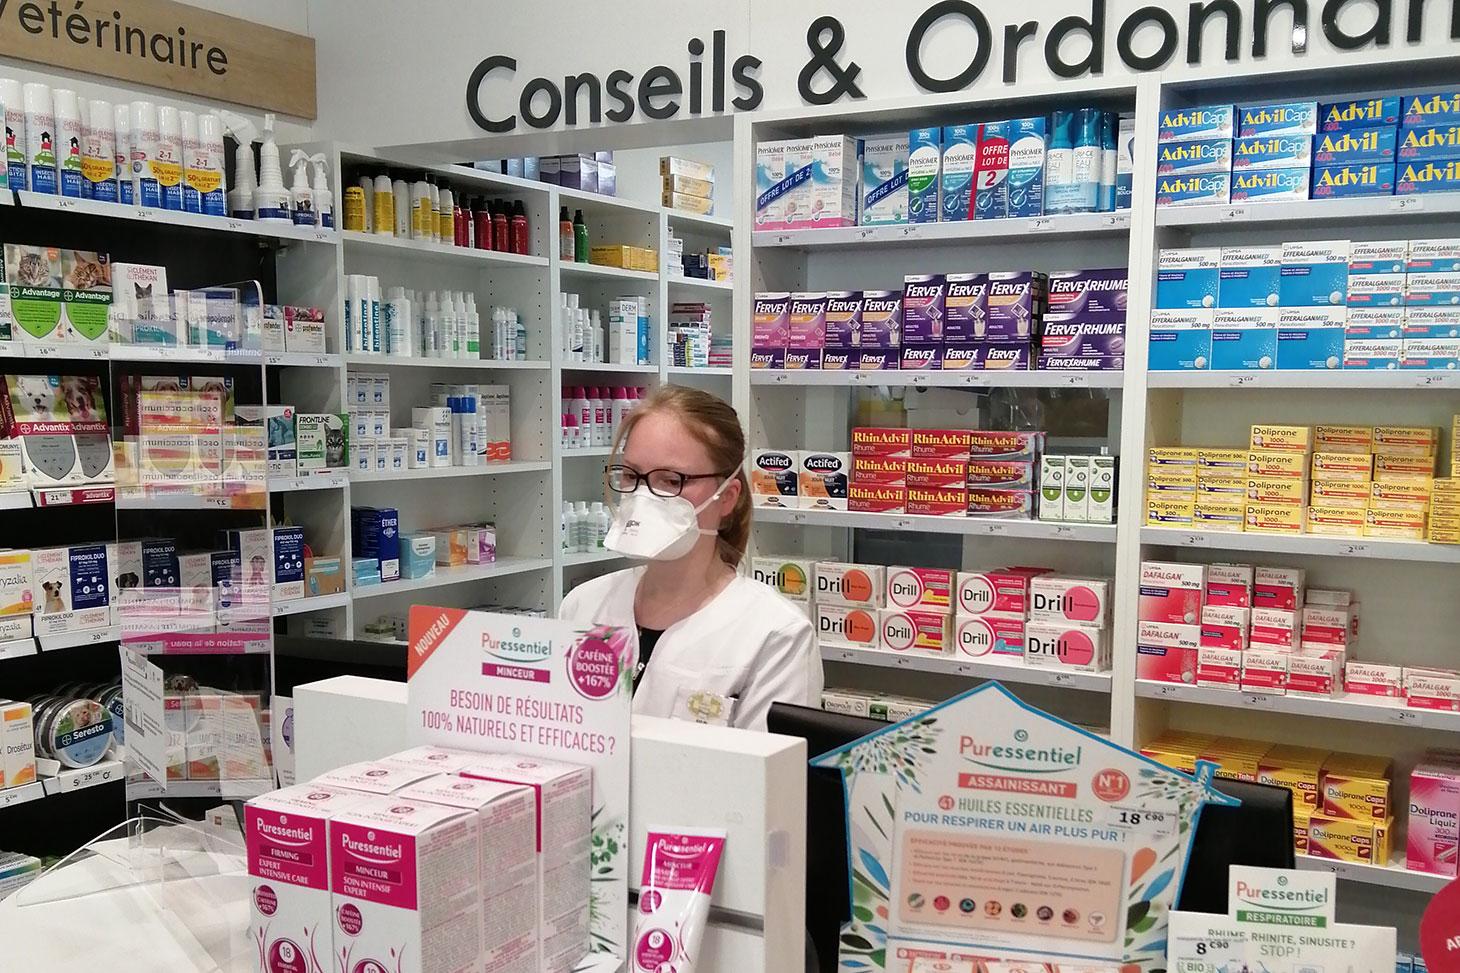 En stage de fin d'études en officine, Aylin Cenkciler fait partie avec les pharmaciens d'un maillon essentiel dans la prise en charge des patients.